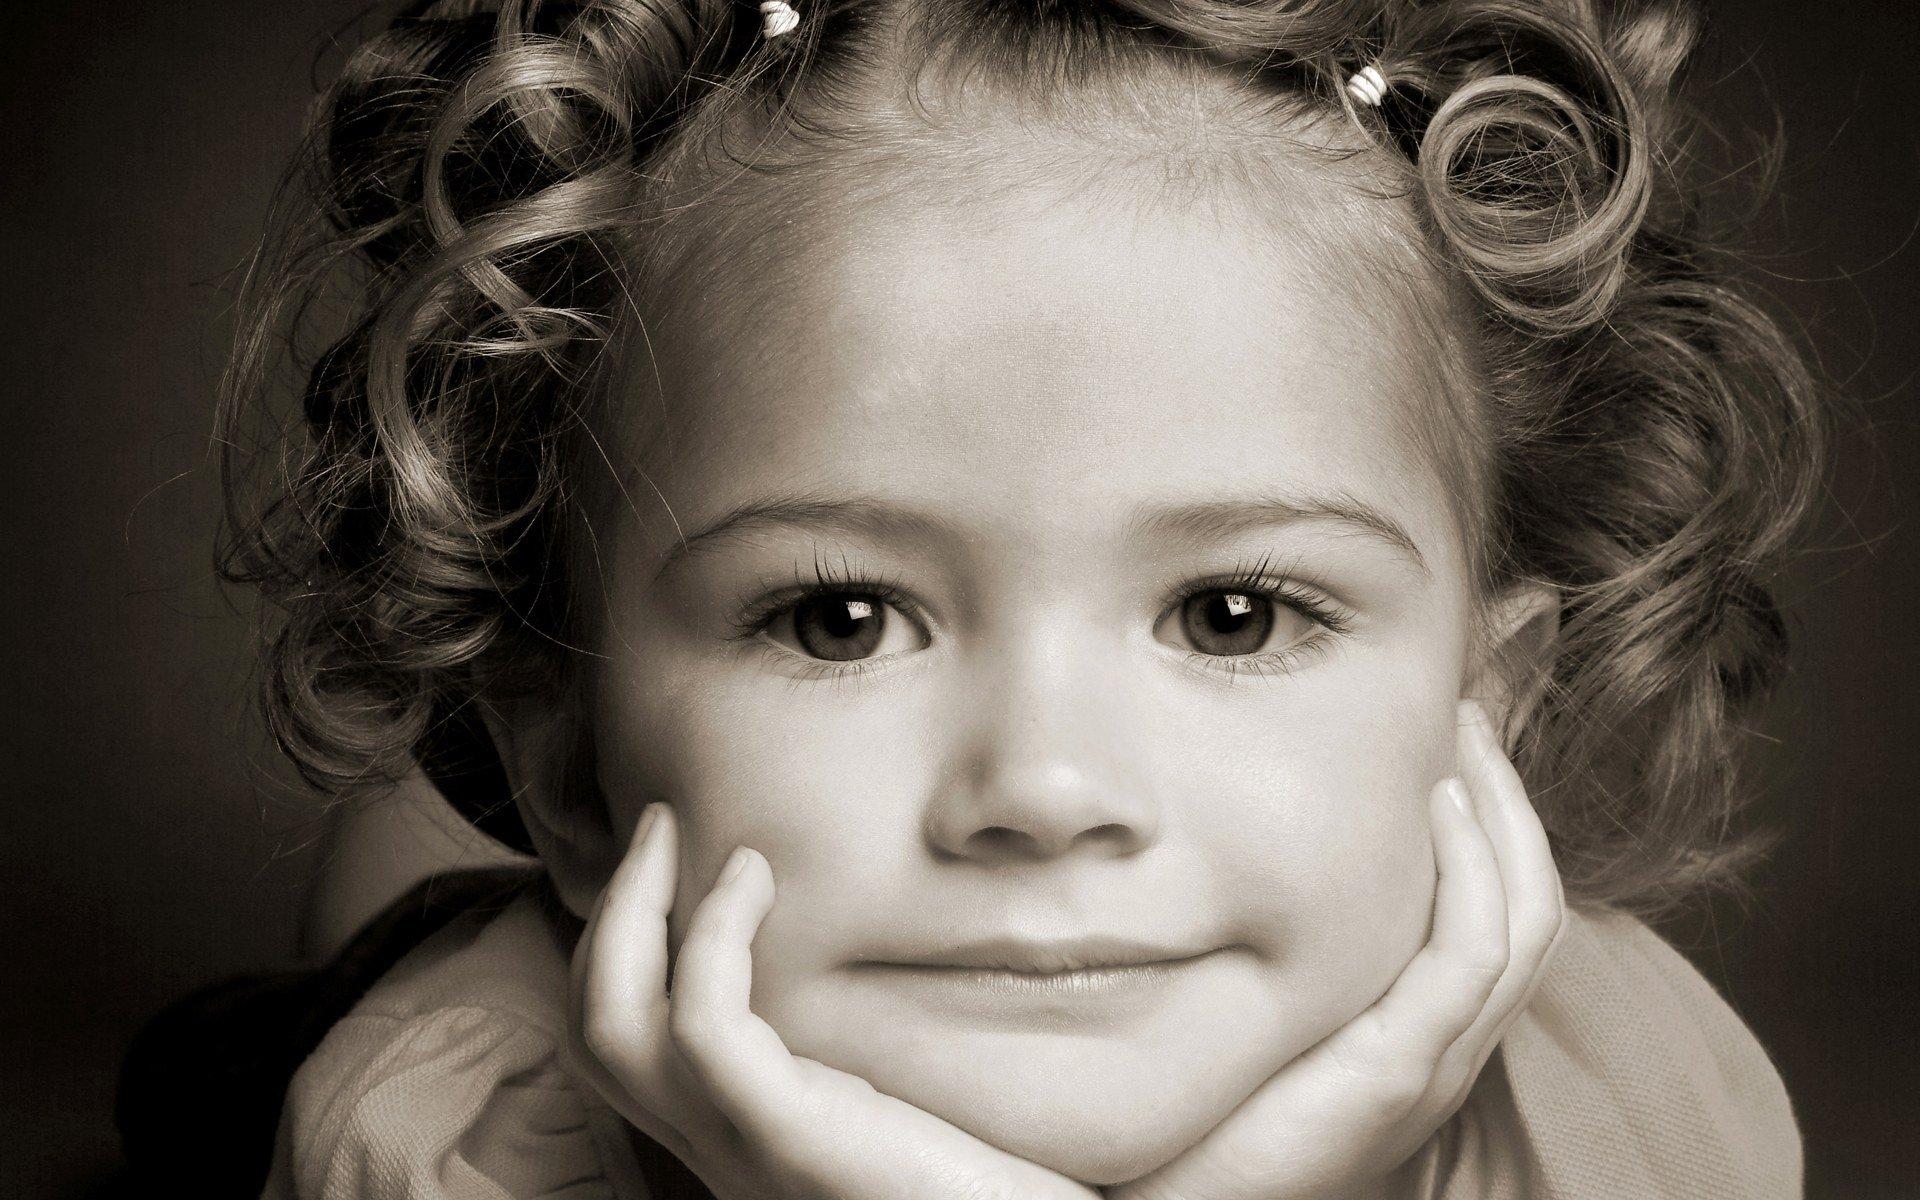 Обои улыбка, портрет, Девочка. Разное foto 9